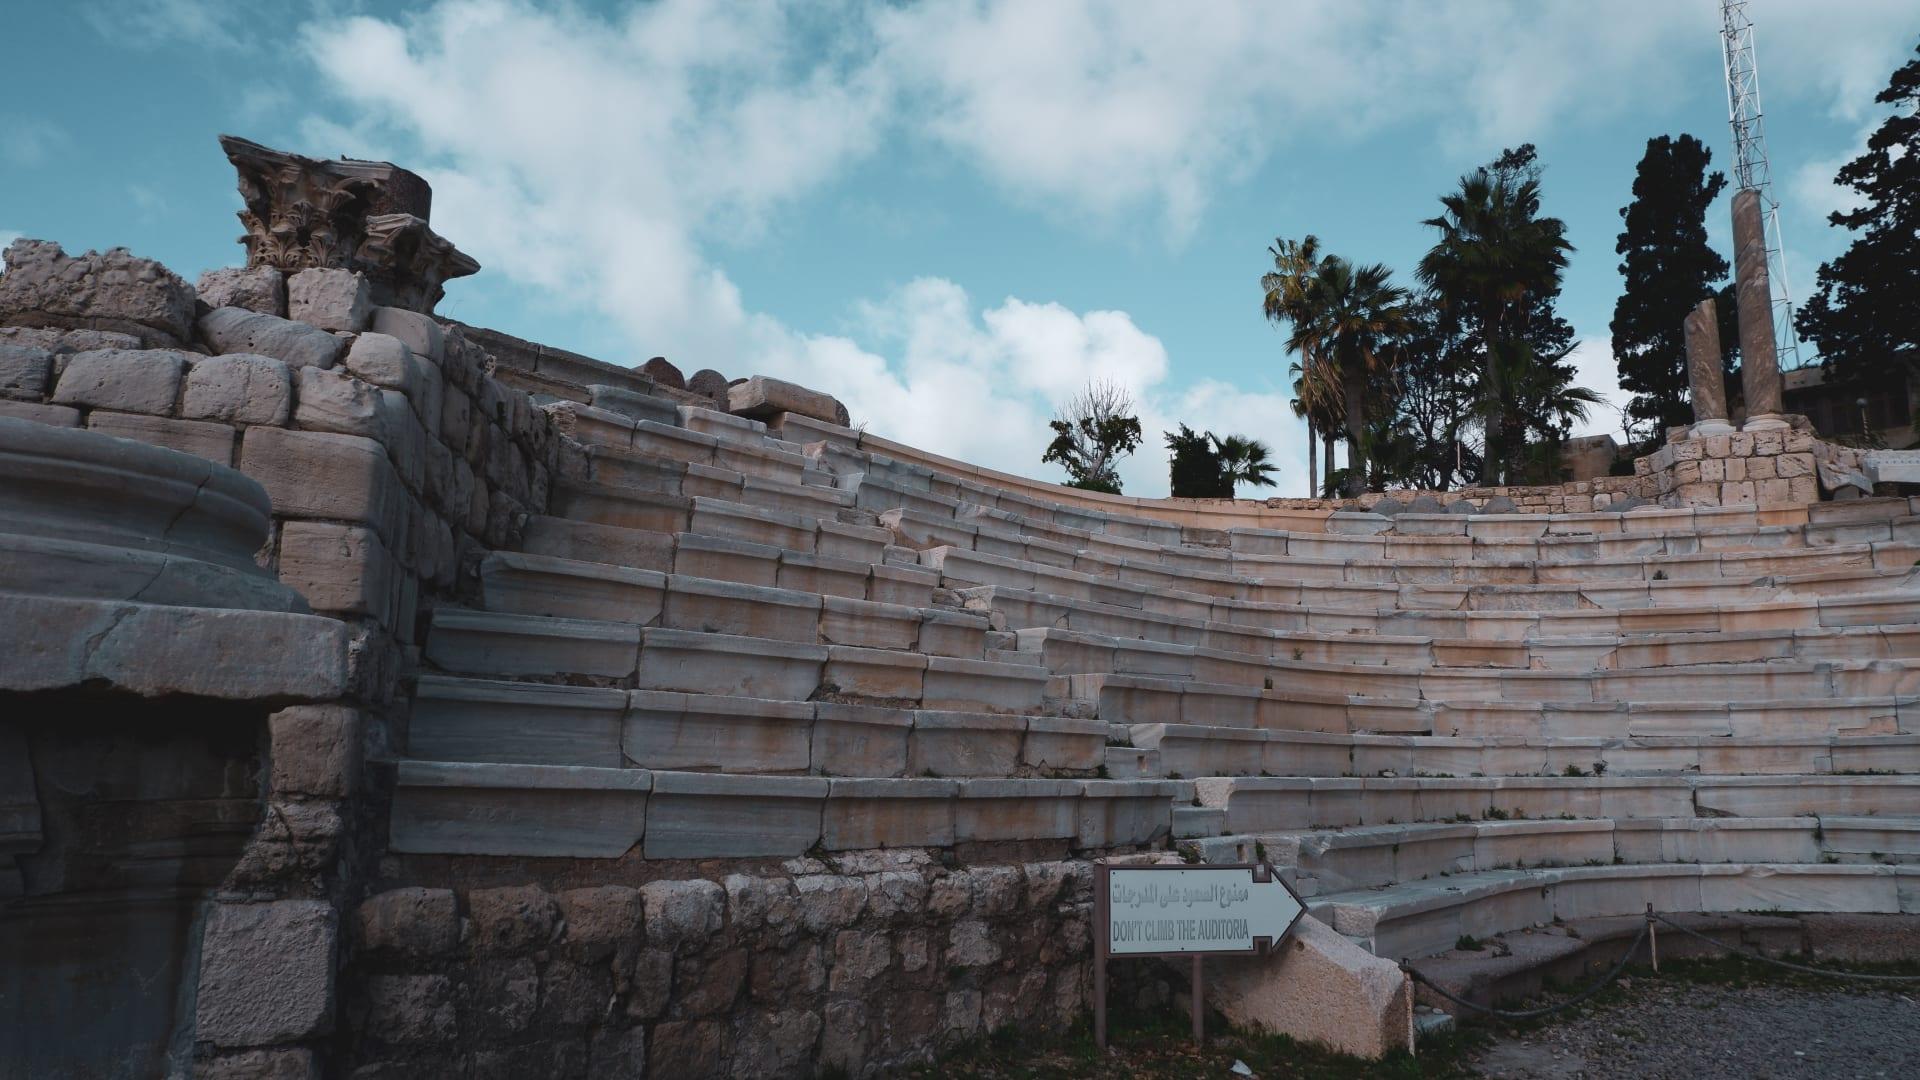 المسرح الرومانى بالاسكندرية